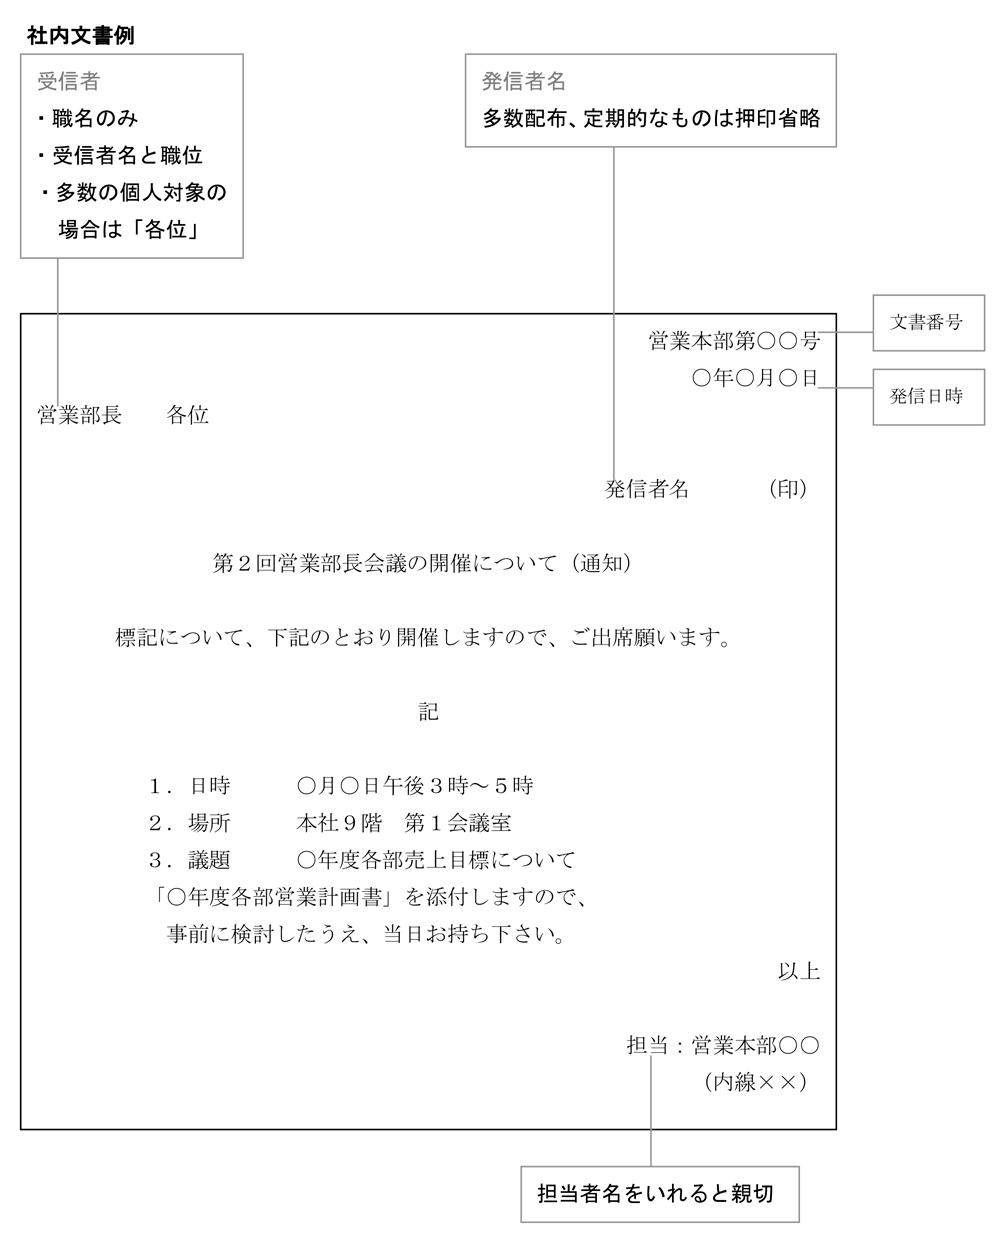 社内文書例